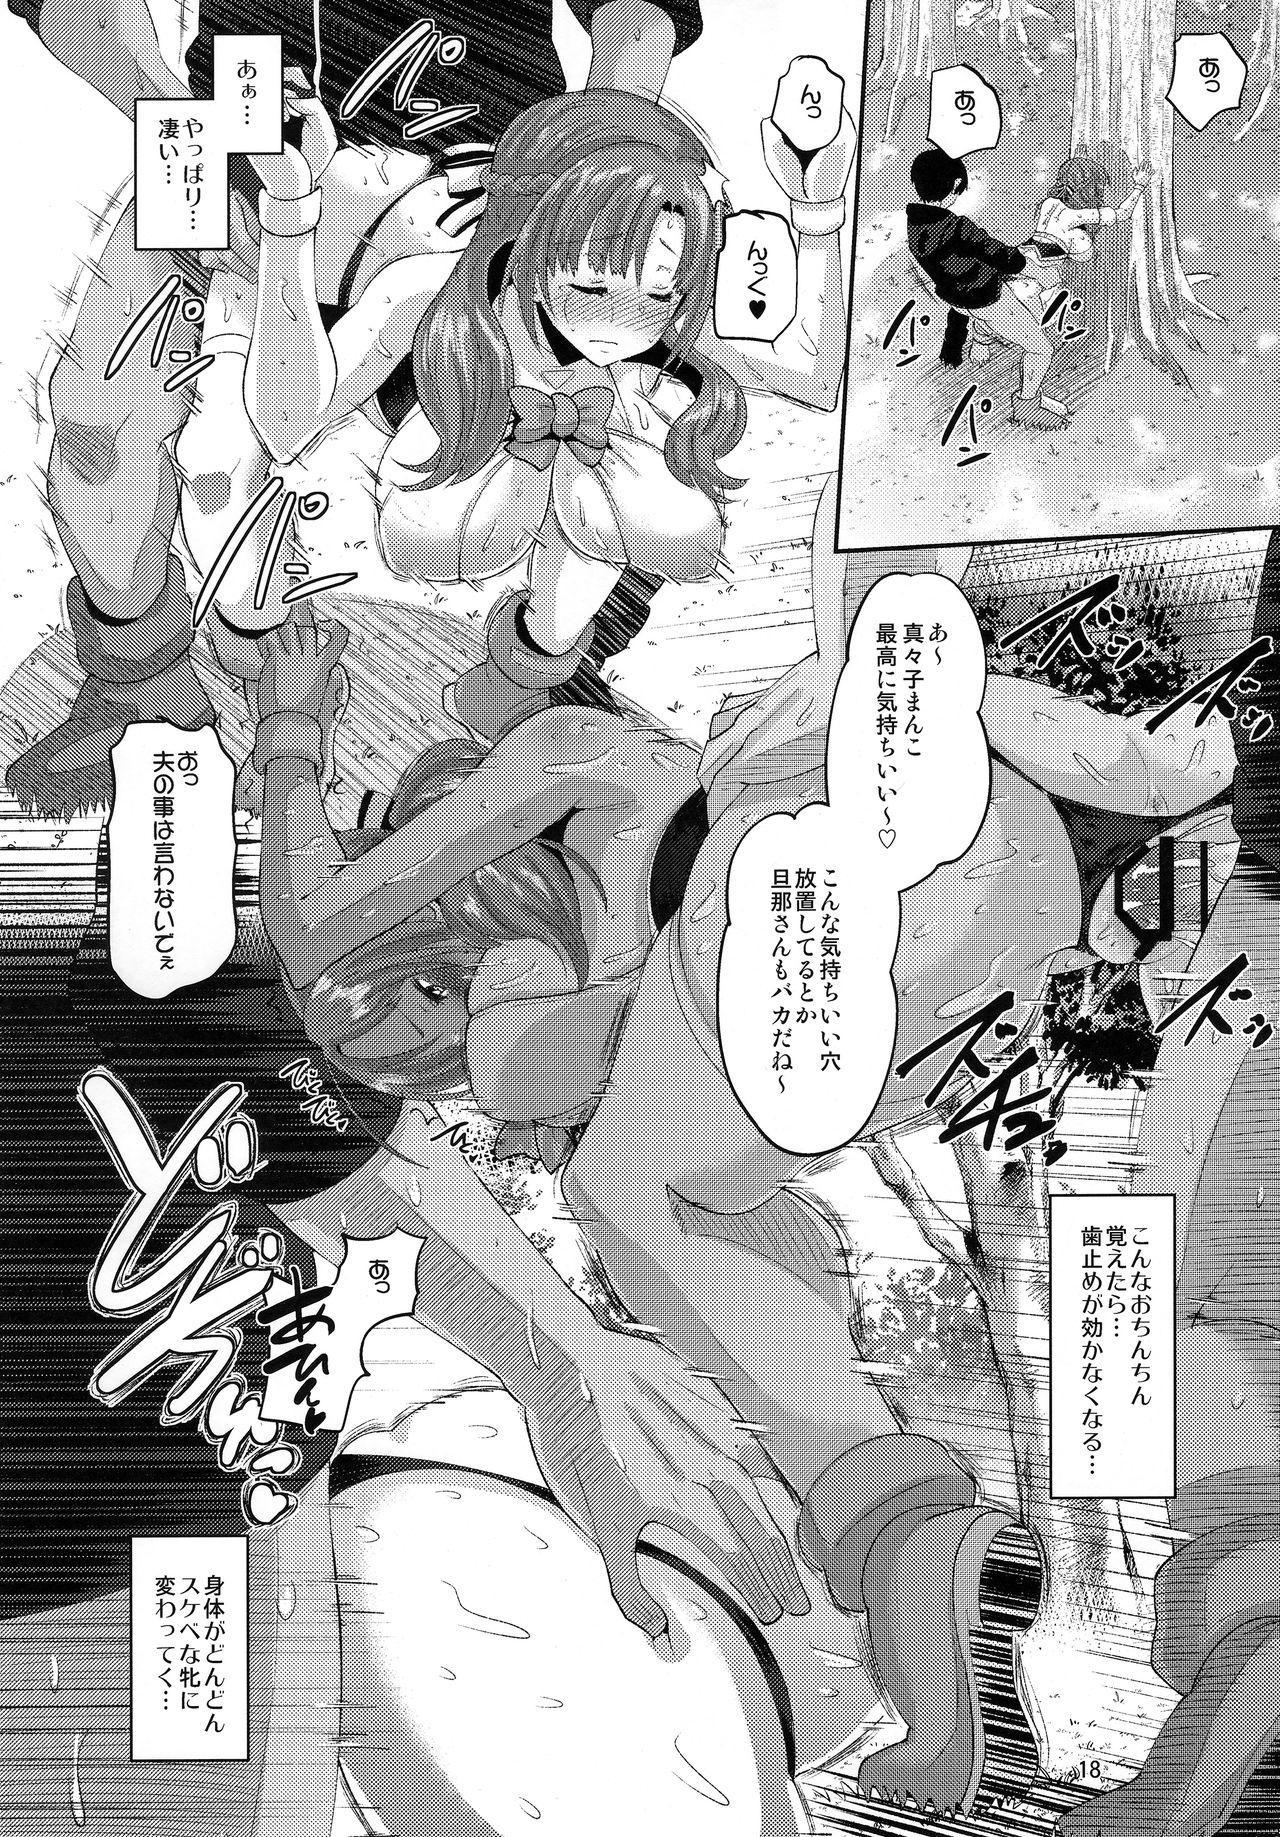 Musuko to Onaji Toshigoro no Otoko ni Otosareru Okaa-san wa Suki desu ka? 16